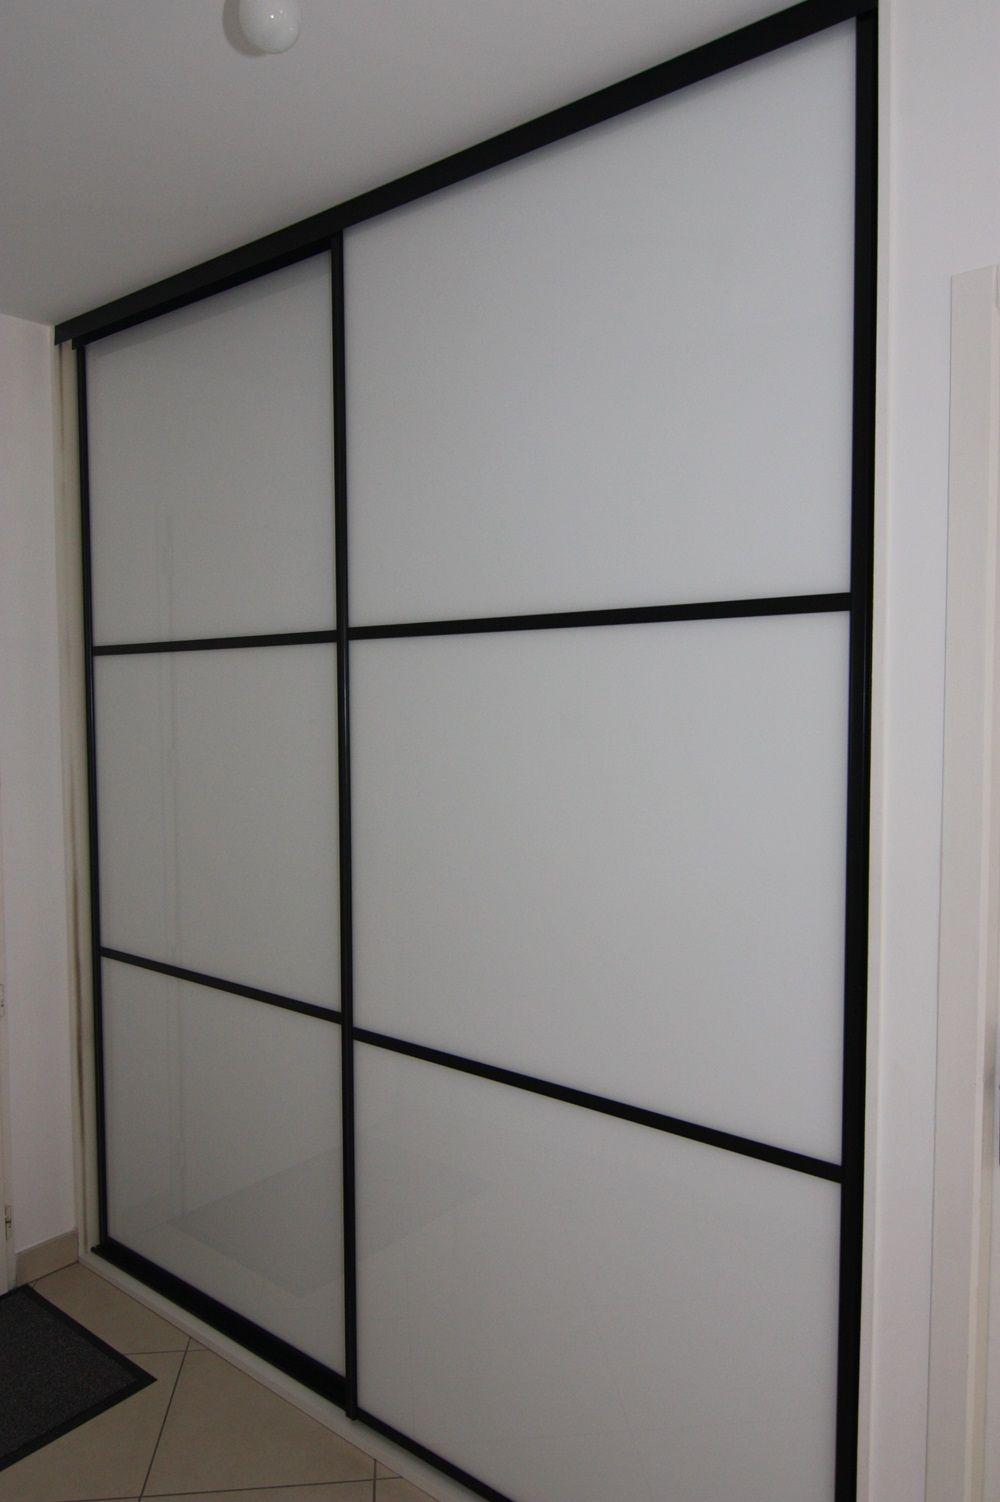 Placardportescoulissantessurmesuregrenoblechamberyvoiron - Porte placard coulissante et fabricant portes intérieures sur mesure